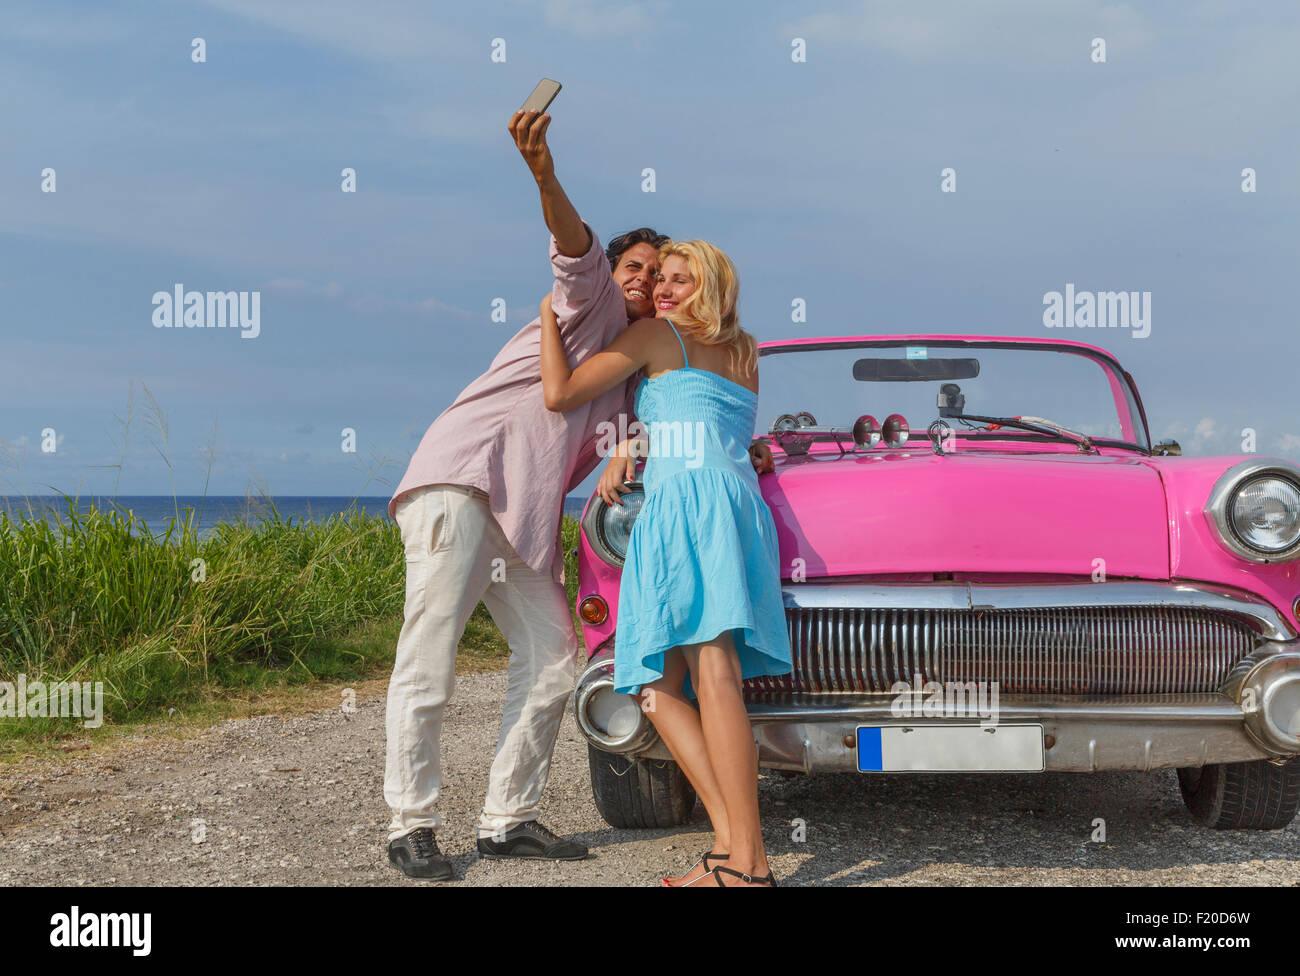 Pareja joven posando para selfie con vintage convertible, La Habana, Cuba Imagen De Stock